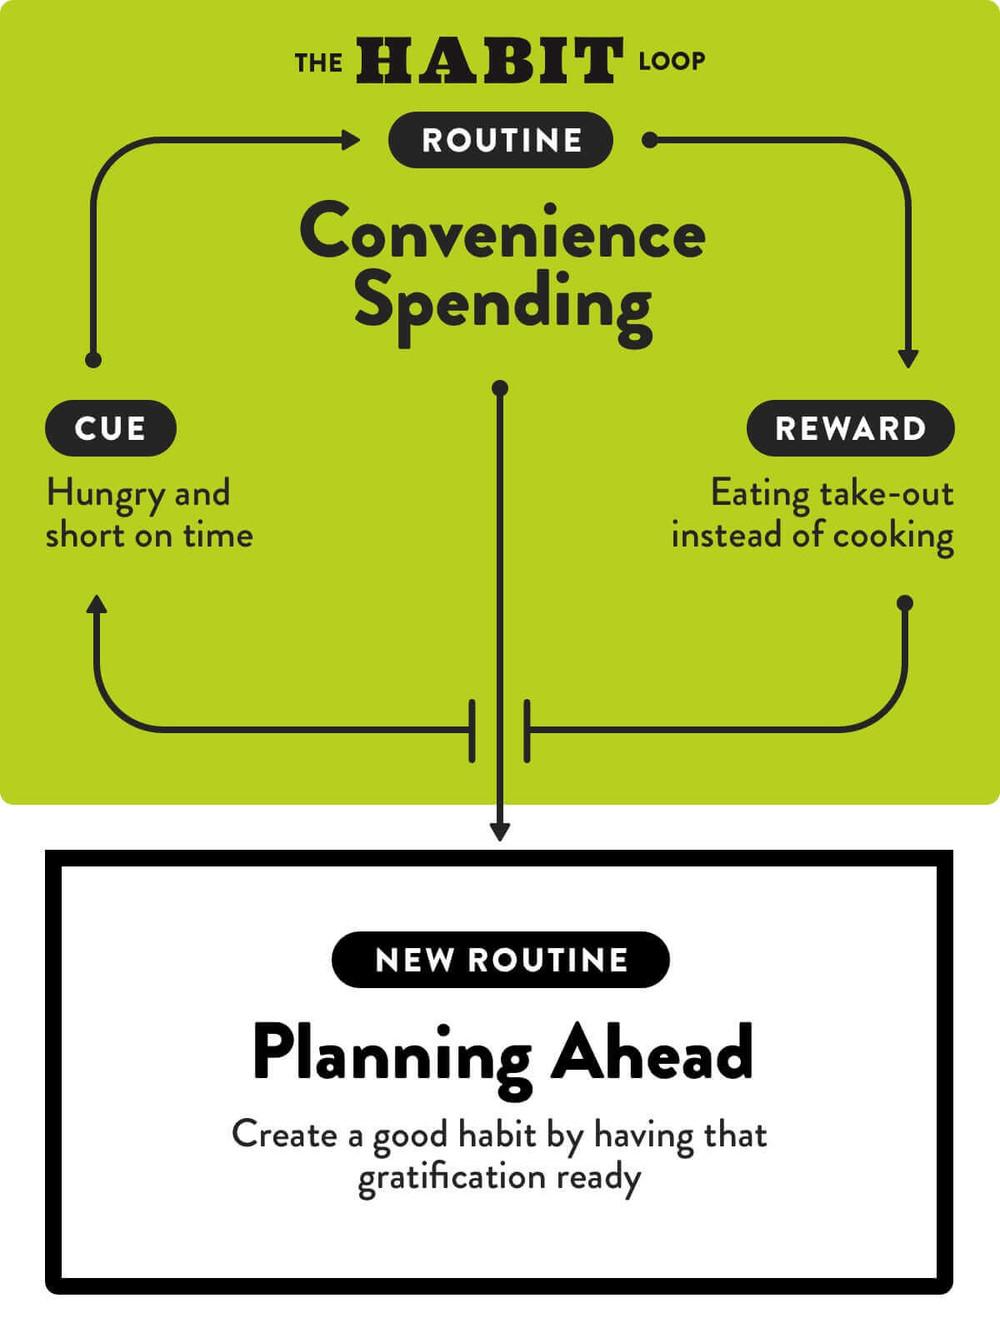 Convience overspending habit loop